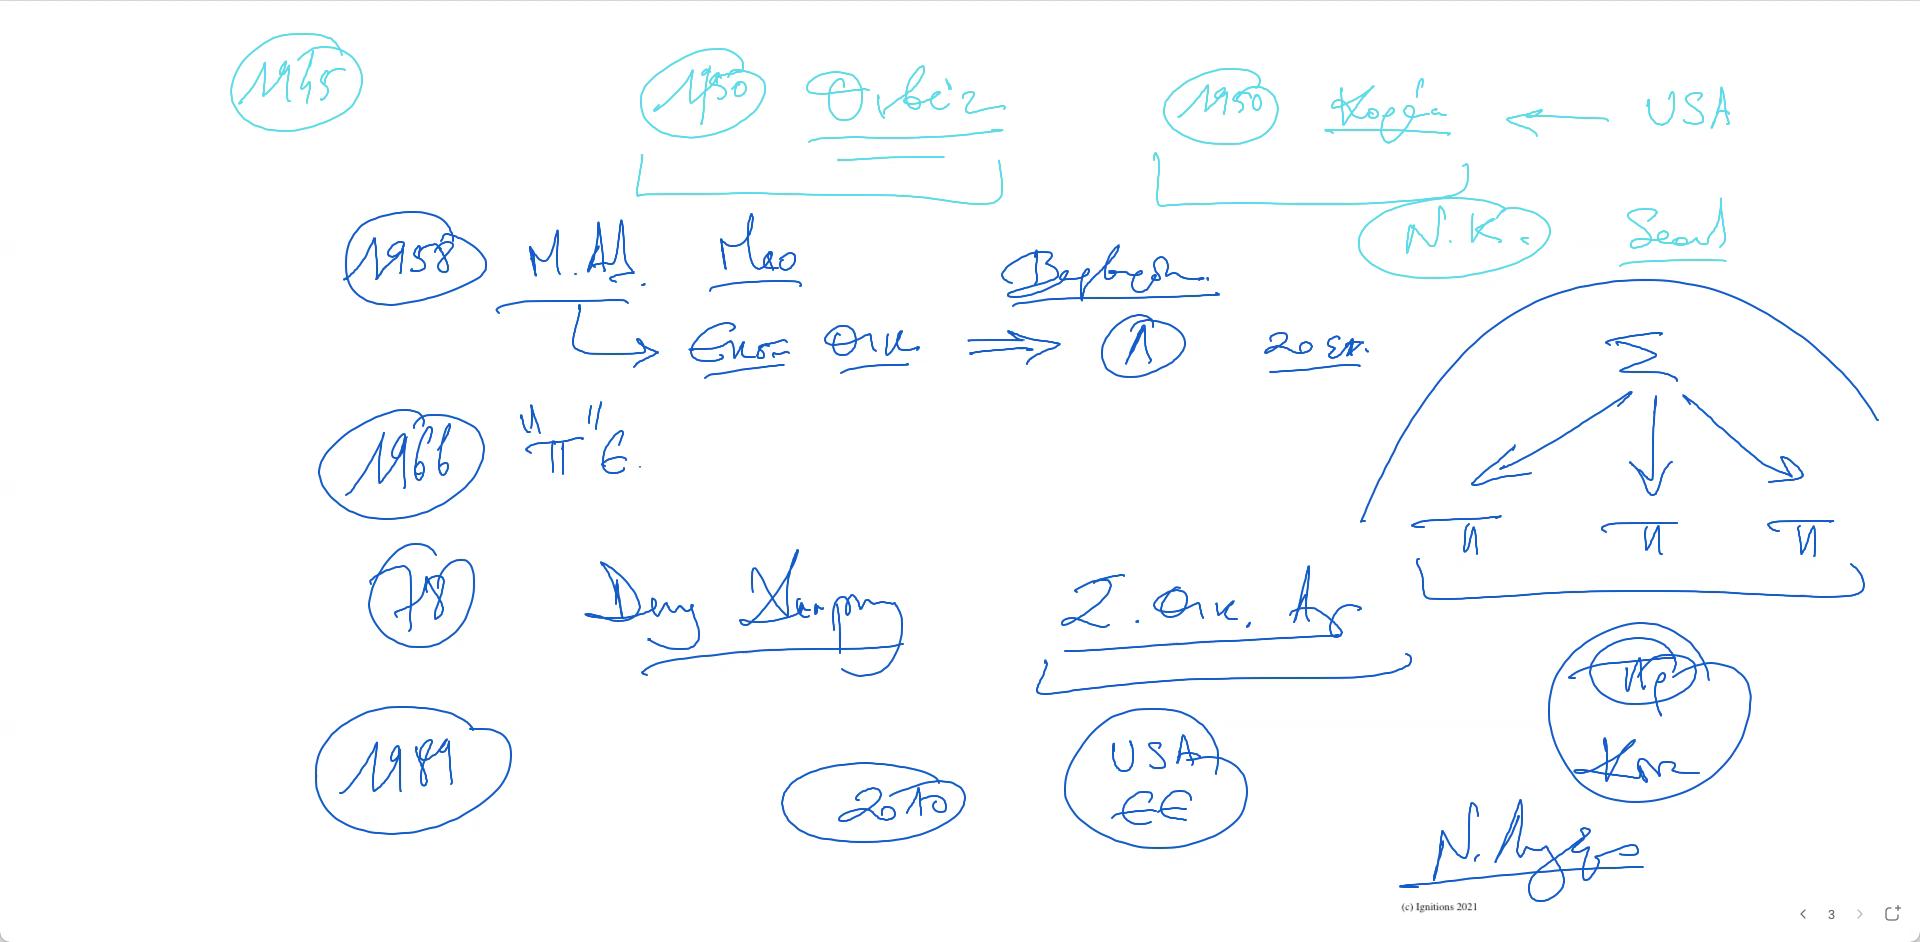 65179 - ΙII - e-Masterclass: Η ΑΥΤΟΚΡΑΤΟΡΙΑ ΤΟΥ ΚΕΝΤΡΟΥ. Covid Free. (Dessin)